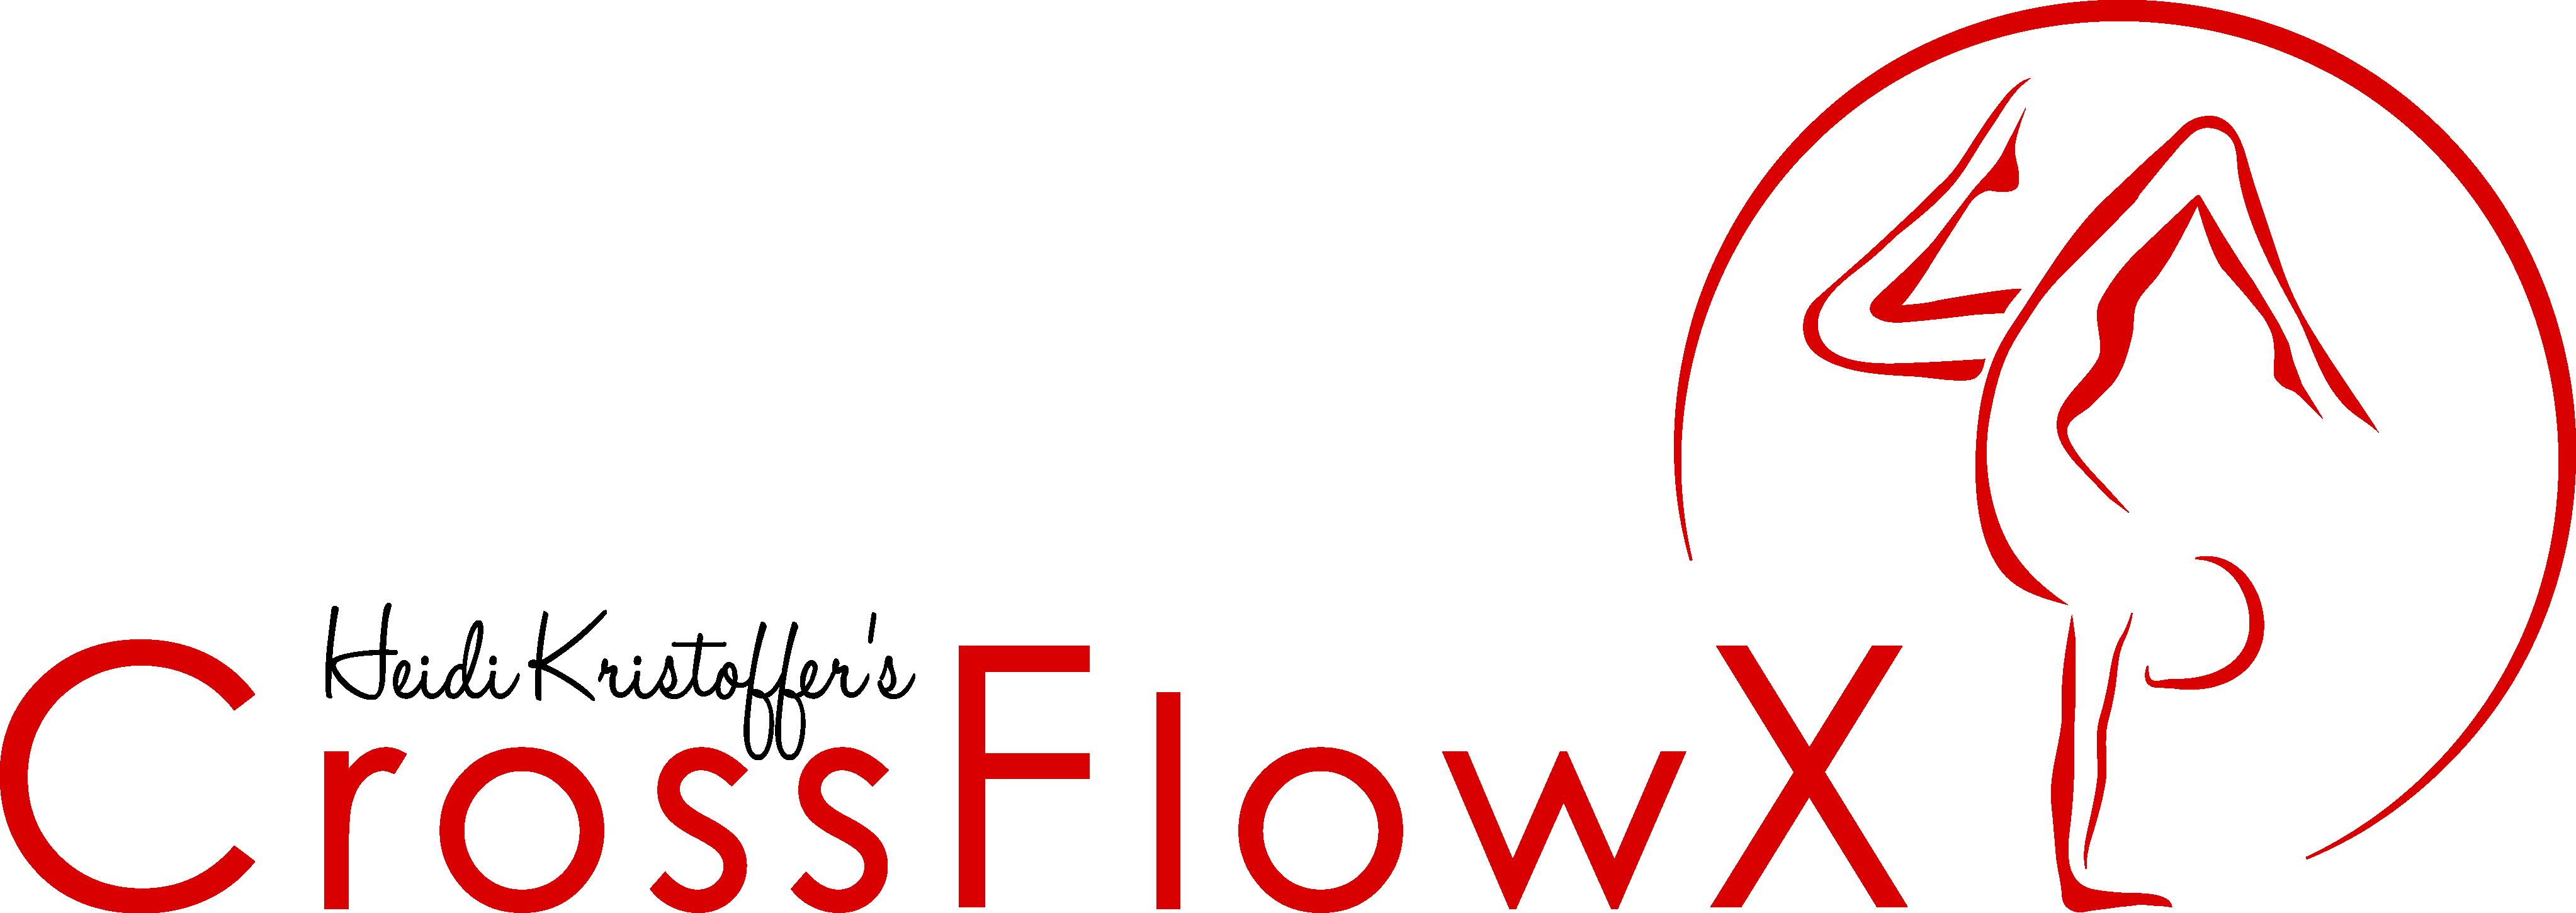 crossflowx